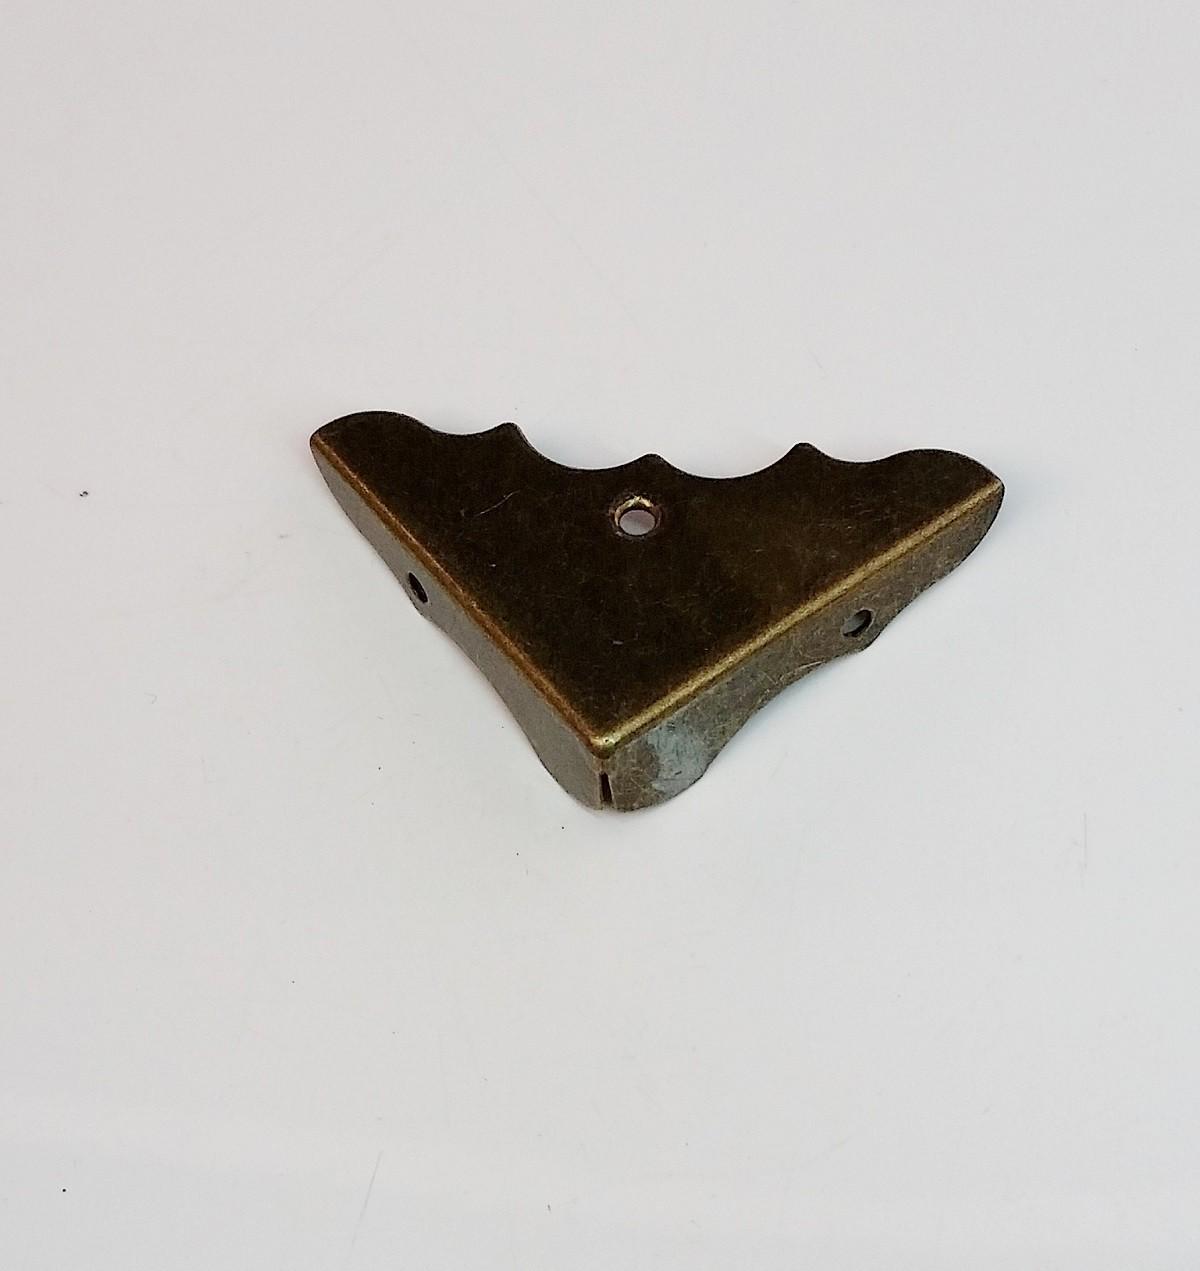 Canto p/ Caixa 37mm x 37mm Ouro Velho